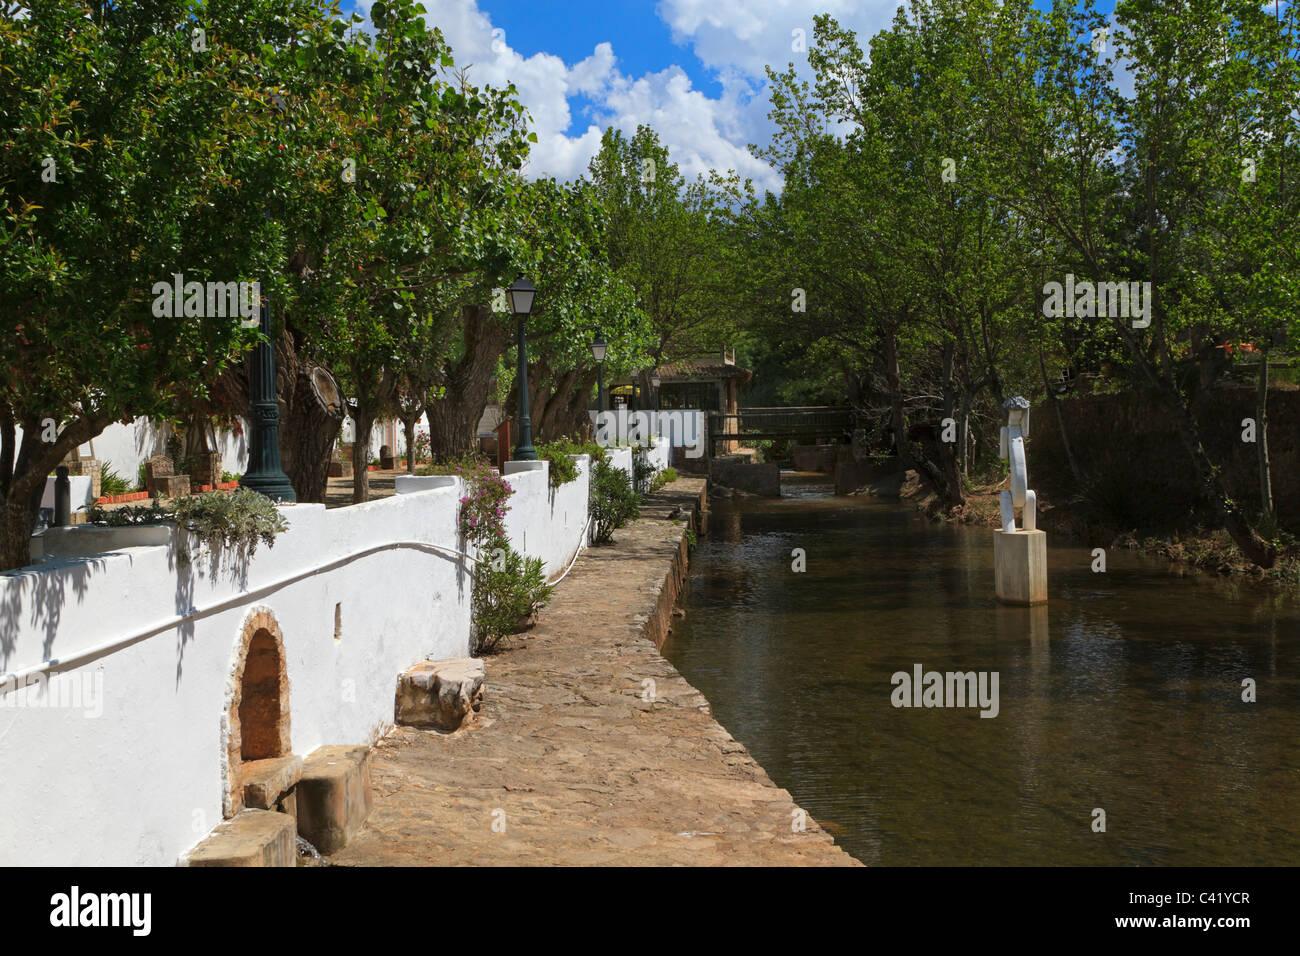 Fonte Peguena, Little Fountain, Alte, Portugal. - Stock Image